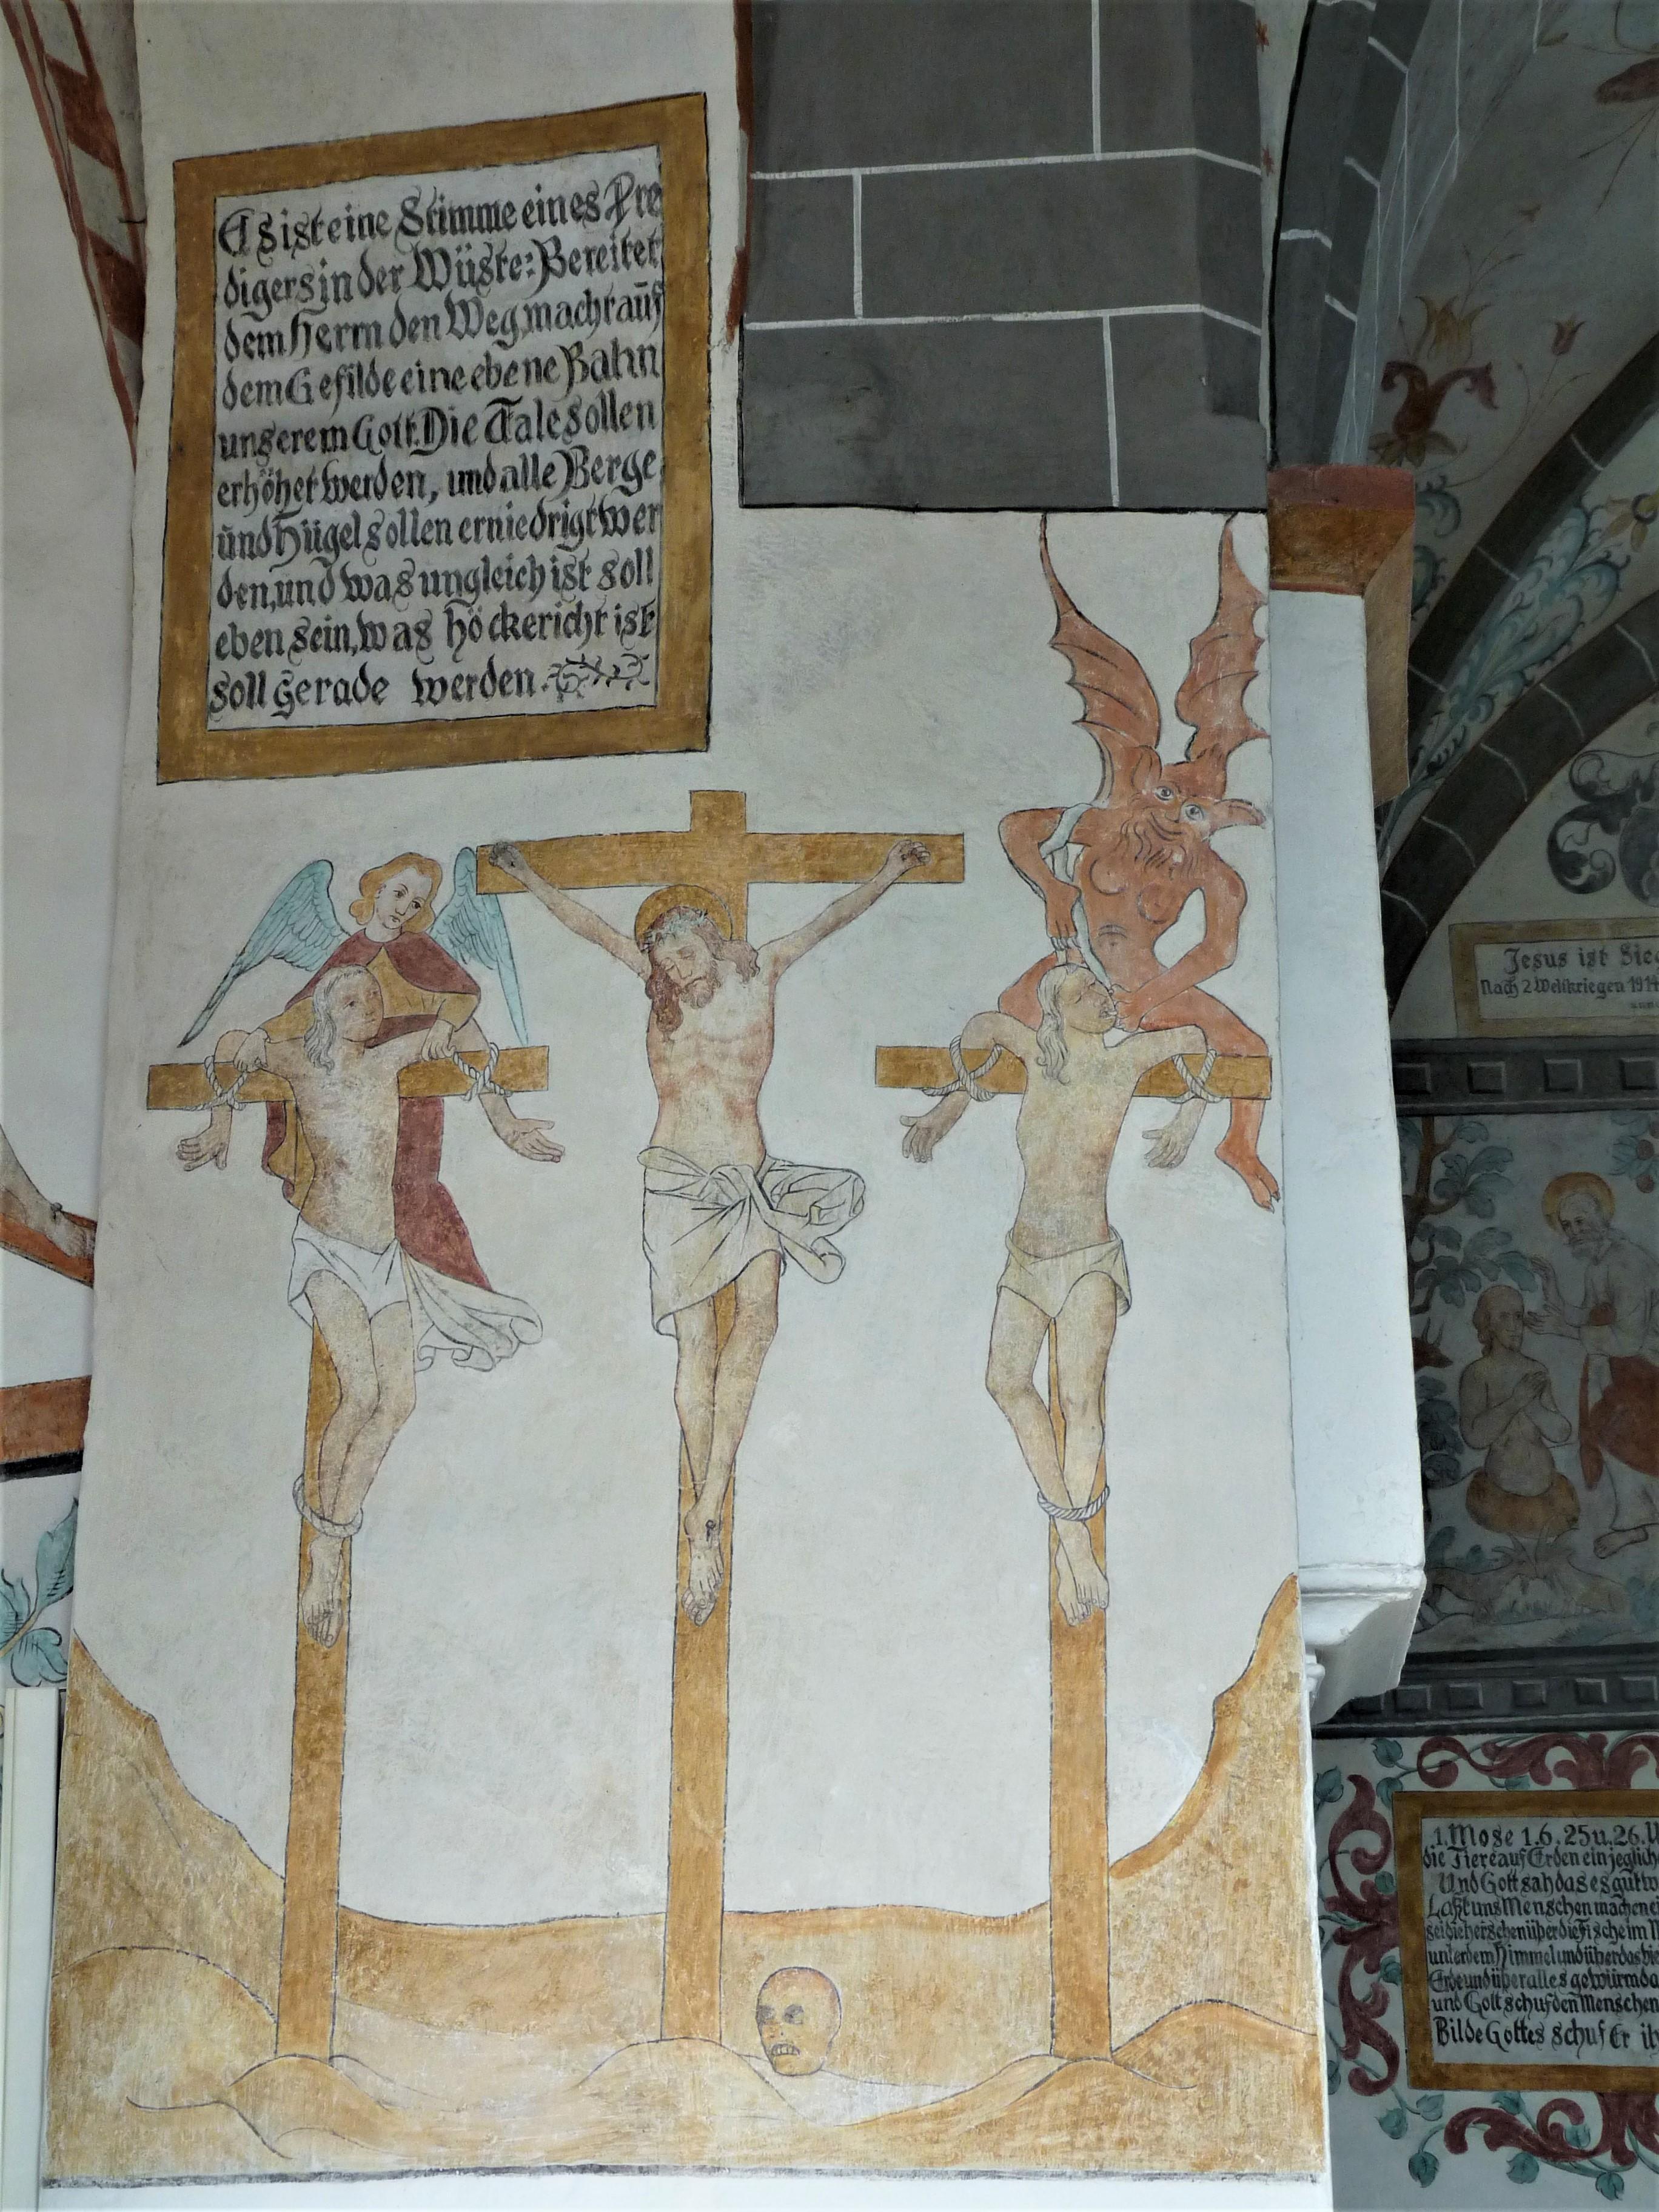 Bunte Kirche Lieberhausen - Darstellung Jesus am Kreuz zwischen den Schächern